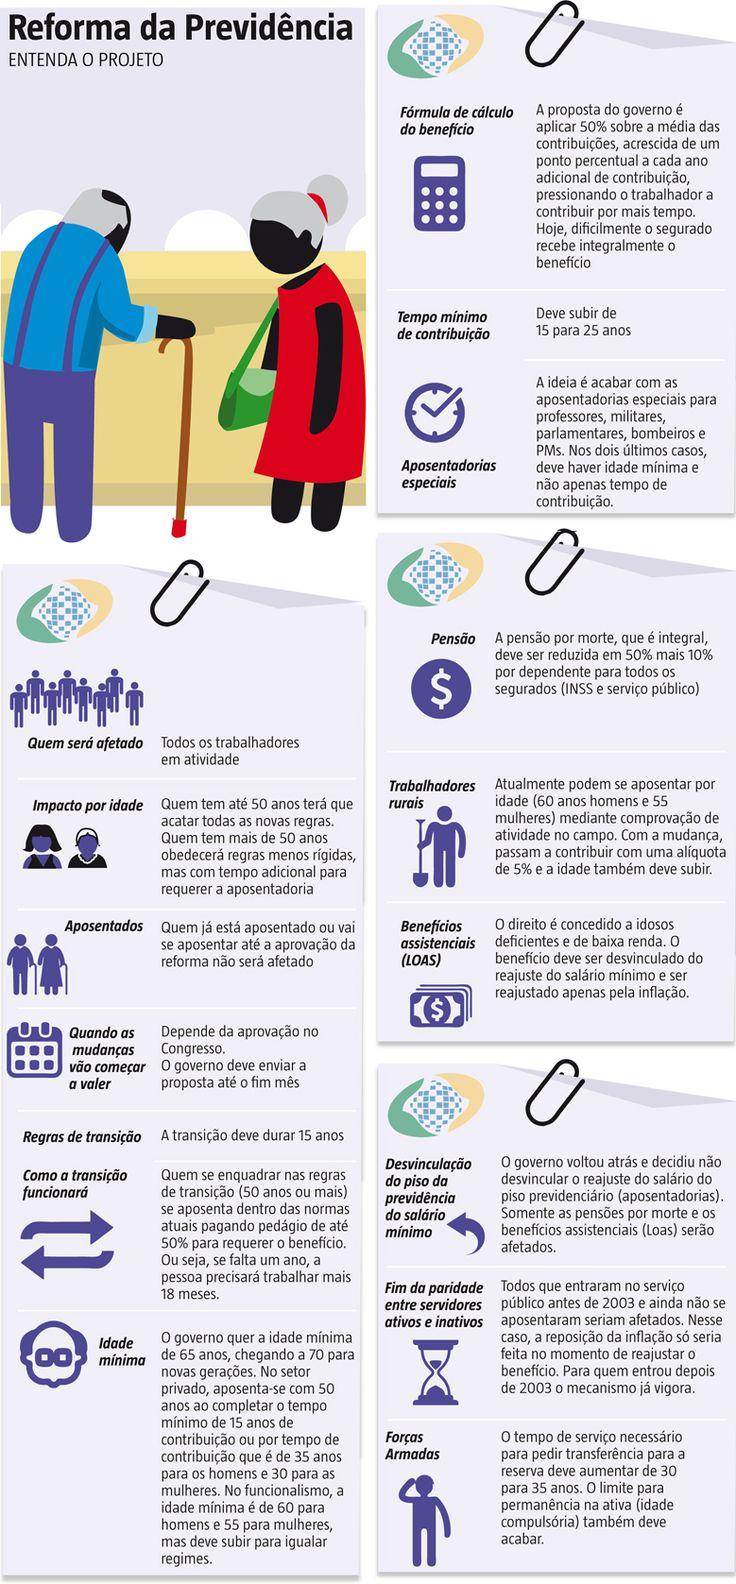 O INSS começou a convocar mais de 228 mil pessoas em Minas para fazer nova perícia médica. Desses, 191.819 recebem aposentadoria por invalidez e 36.846 ganham auxílio-doença. Os primeiros a serem chamados foram segurados com até 39 anos. Na segunda fase, o pente-fino inclui beneficiários de 40 a 45 anos. Mas todos com até 59 anos serão convocados. (14/10/2016) #INSS #Reforça #Previdência #Economia #Infográfico #Infografia #HojeEmDia